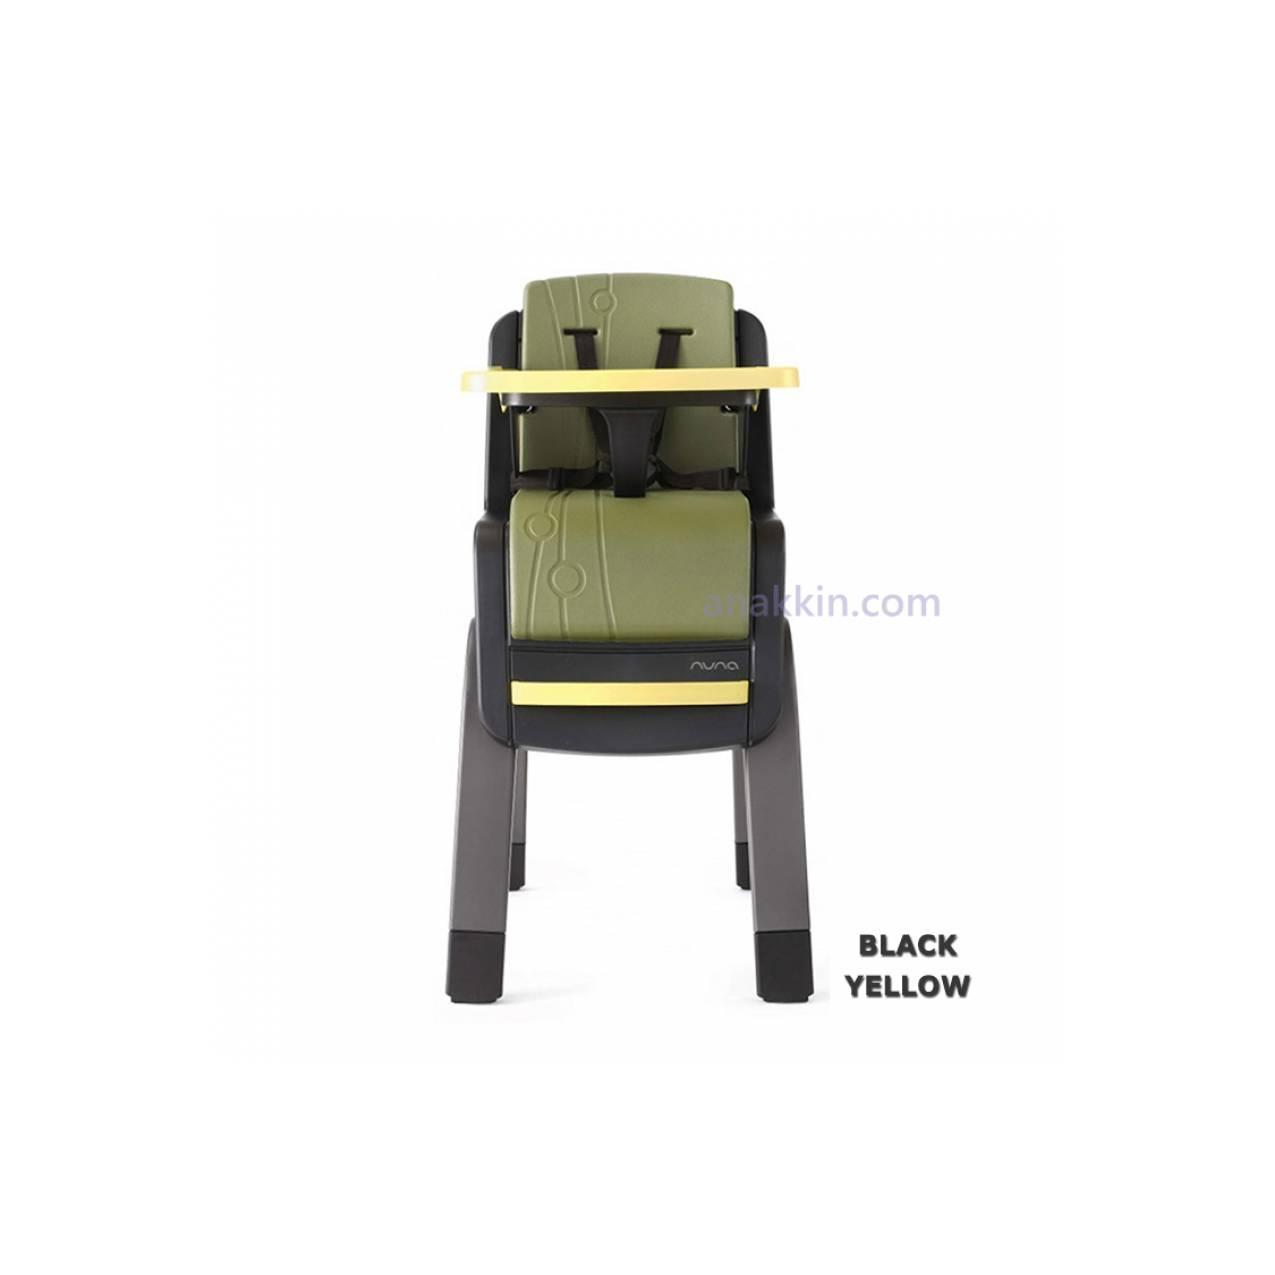 Nuna Zaaz High Chair / kursi anak serba guna / kursi makan bayi murah